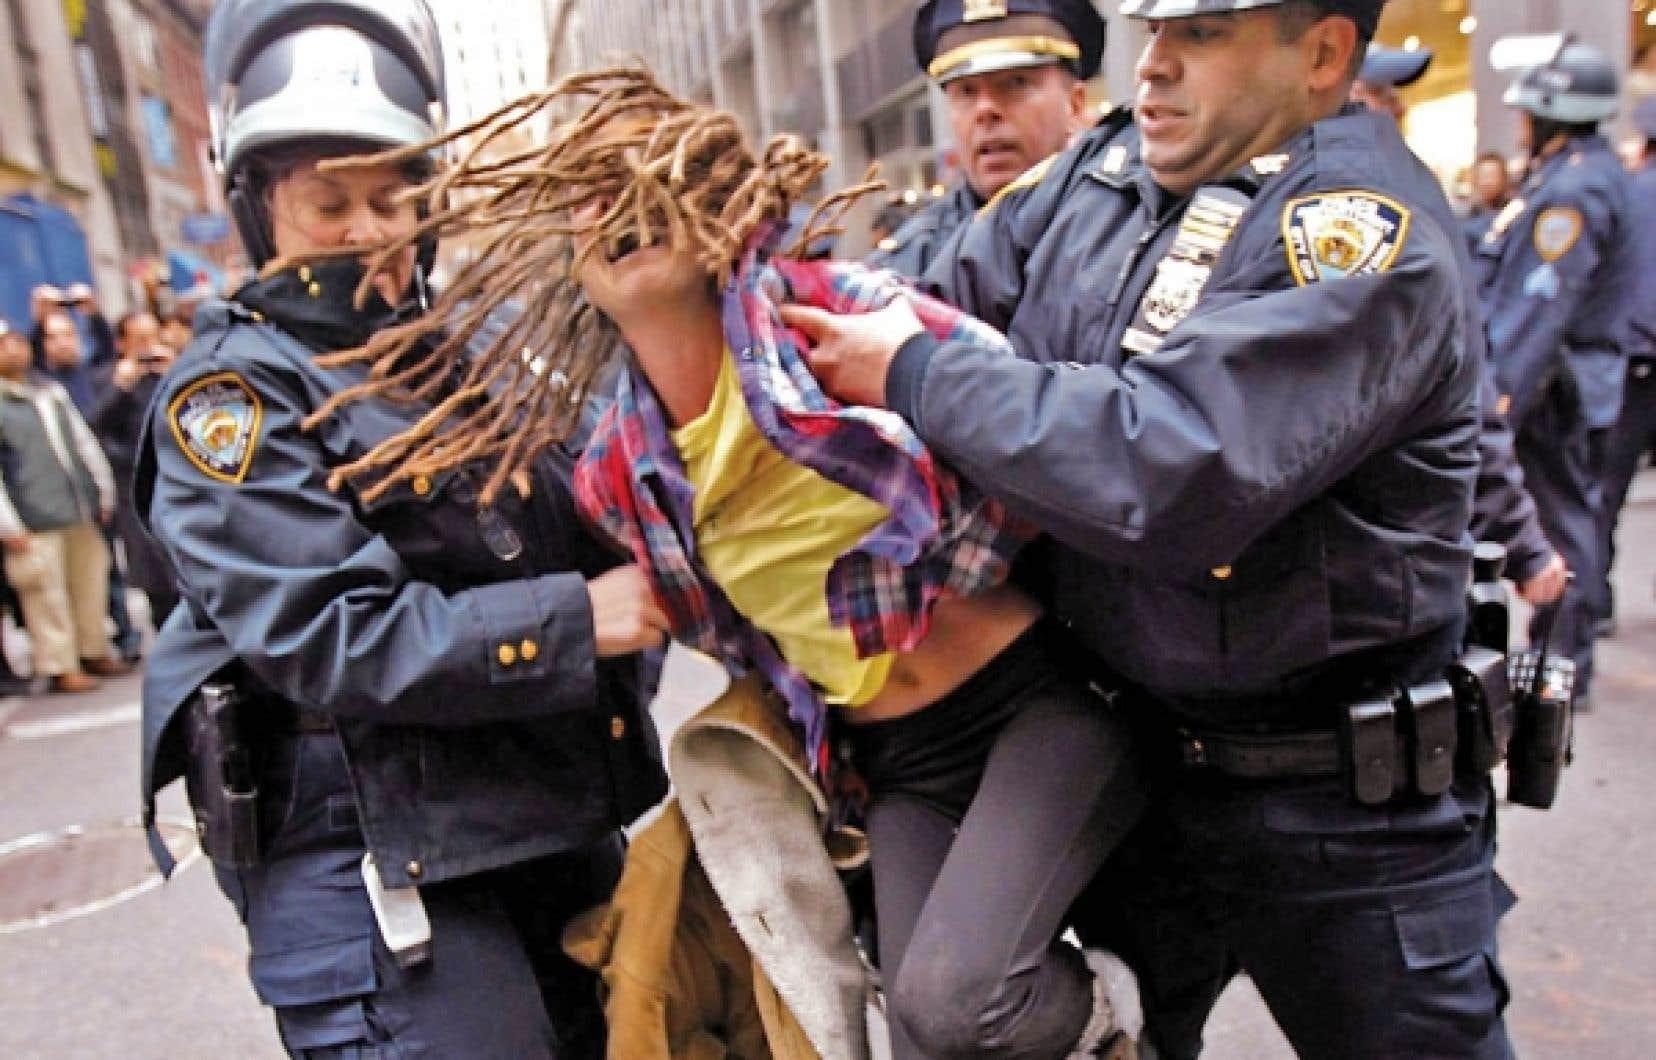 Des policiers de New York arrêtent un protestataire au cours d'une «journée d'action» du mouvement Occupy Wall Street, le 17 novembre dernier.<br />